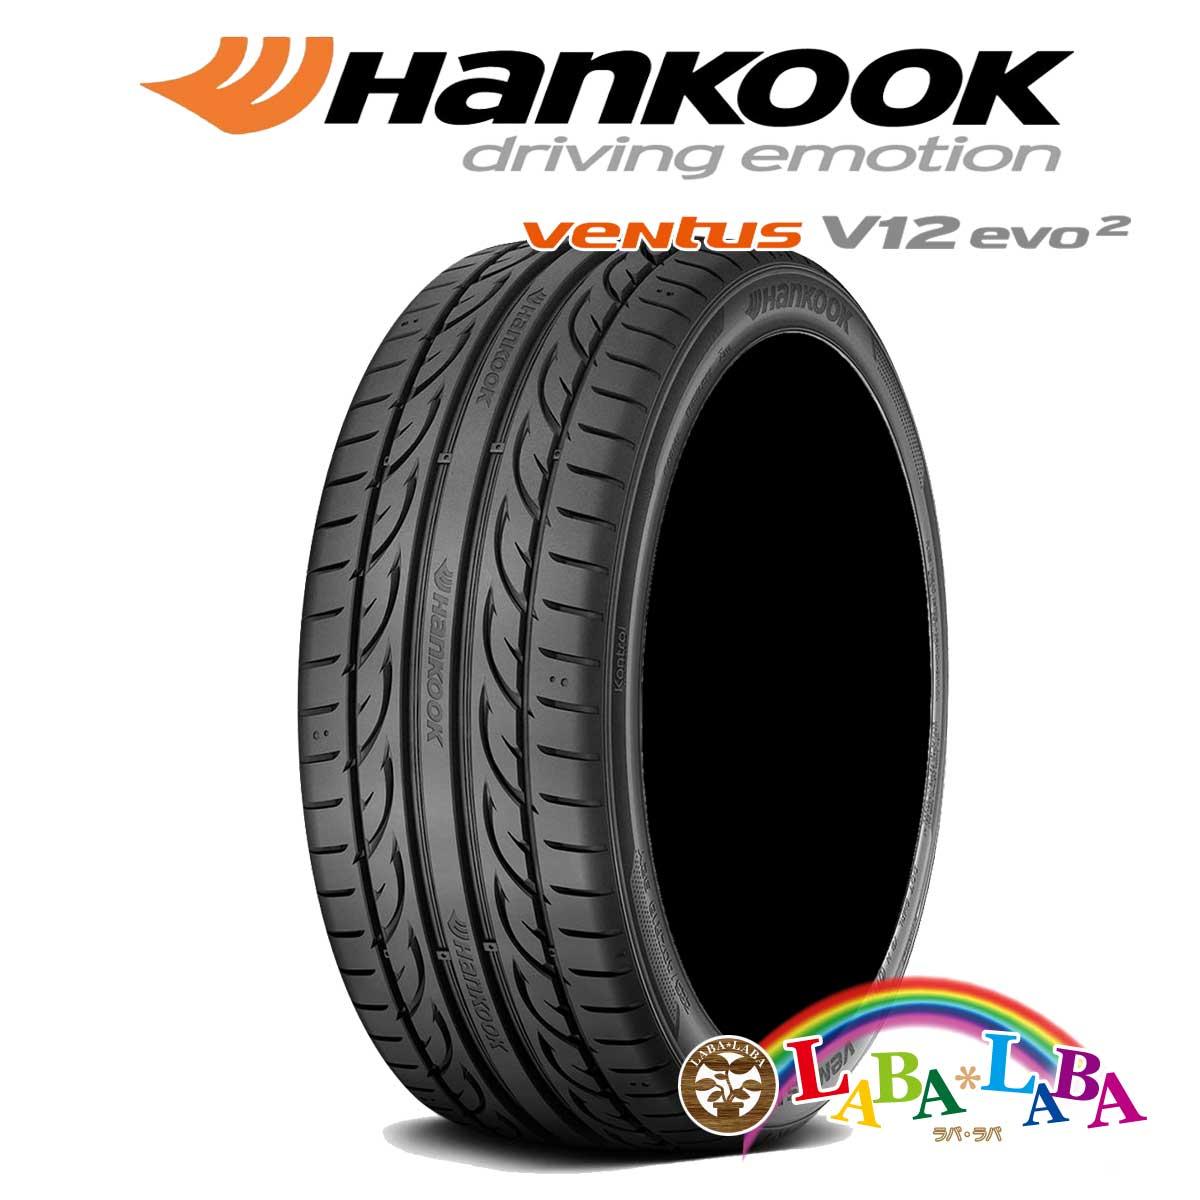 2本以上送料無料 輸入タイヤ サマータイヤ 新品 タイヤのみ HANKOOK ハンコック VENTUS 割り引き V12 優先配送 evo2 ベンタス K120 95Y XL 245 40R17